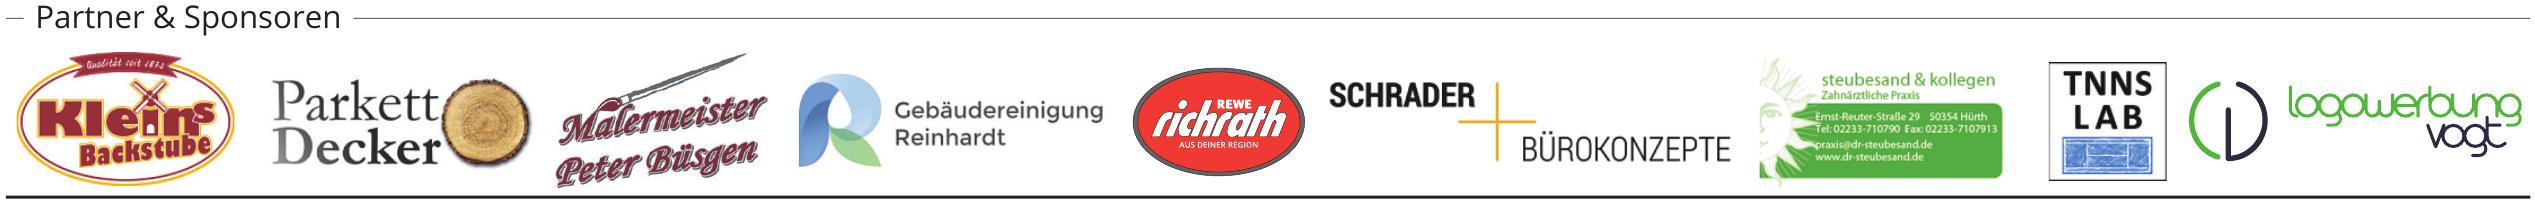 Am 7. Juli starten die 4. Hürth Open sponsored by Schrader Bürokonzepte auf der Anlage des TC Gleuel Image 2